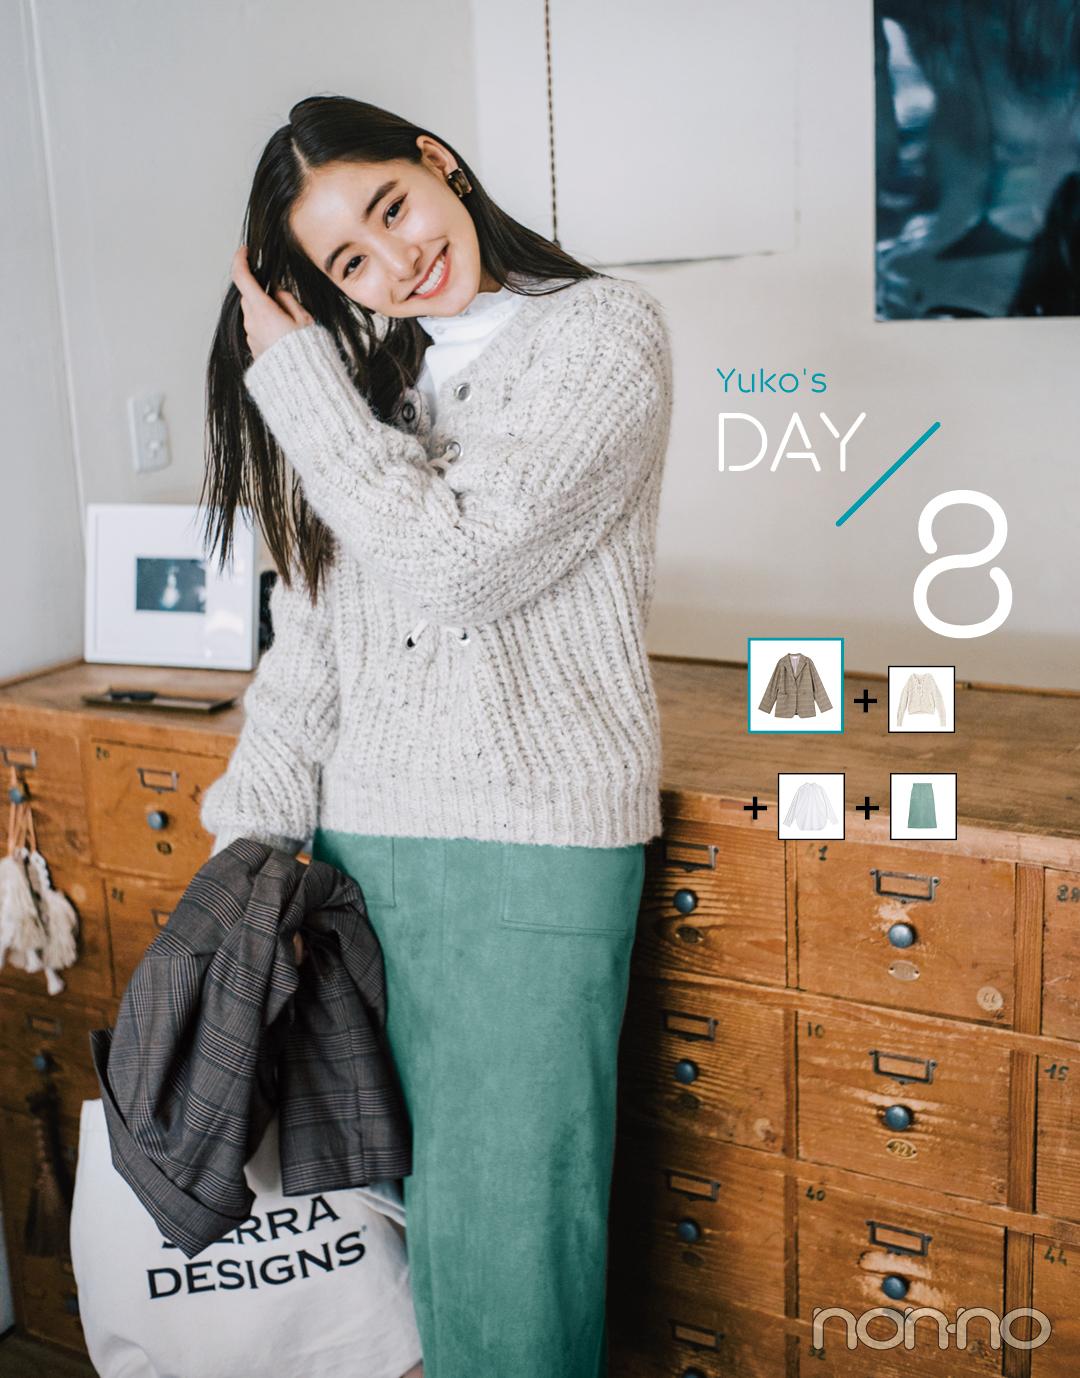 Yuko's DAY8